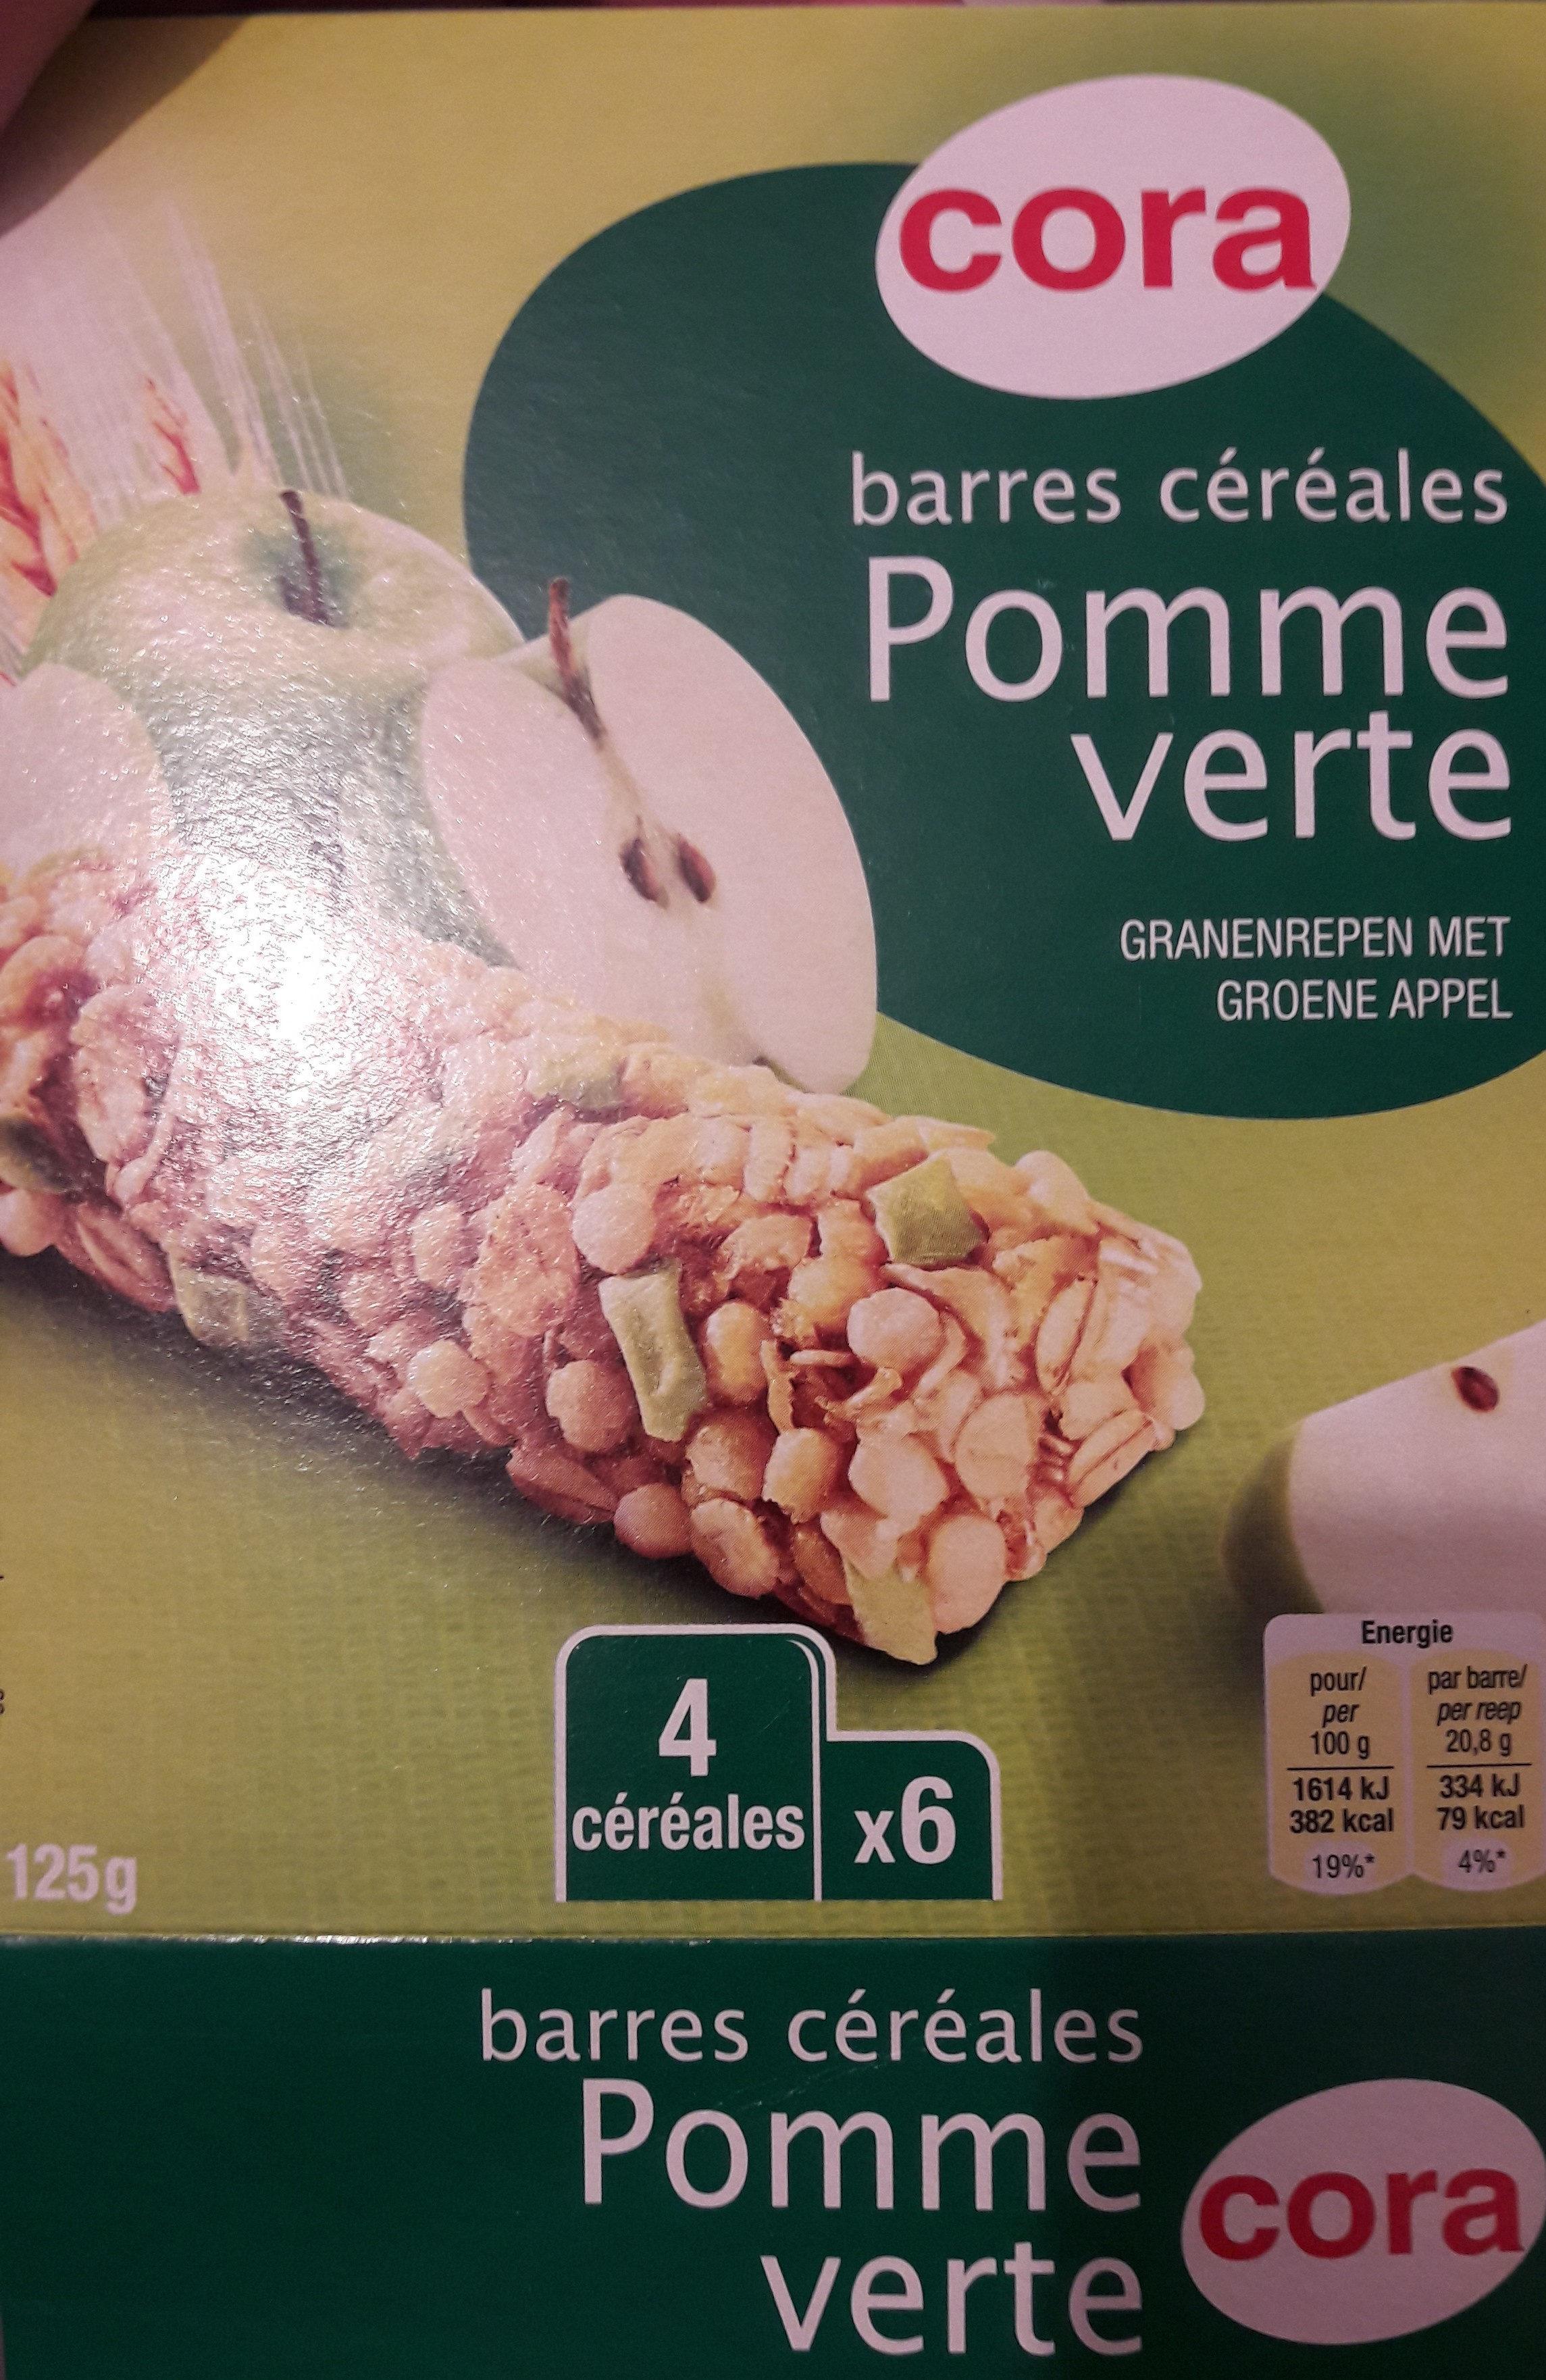 6 Barres Céréales Pomme Verte - Produit